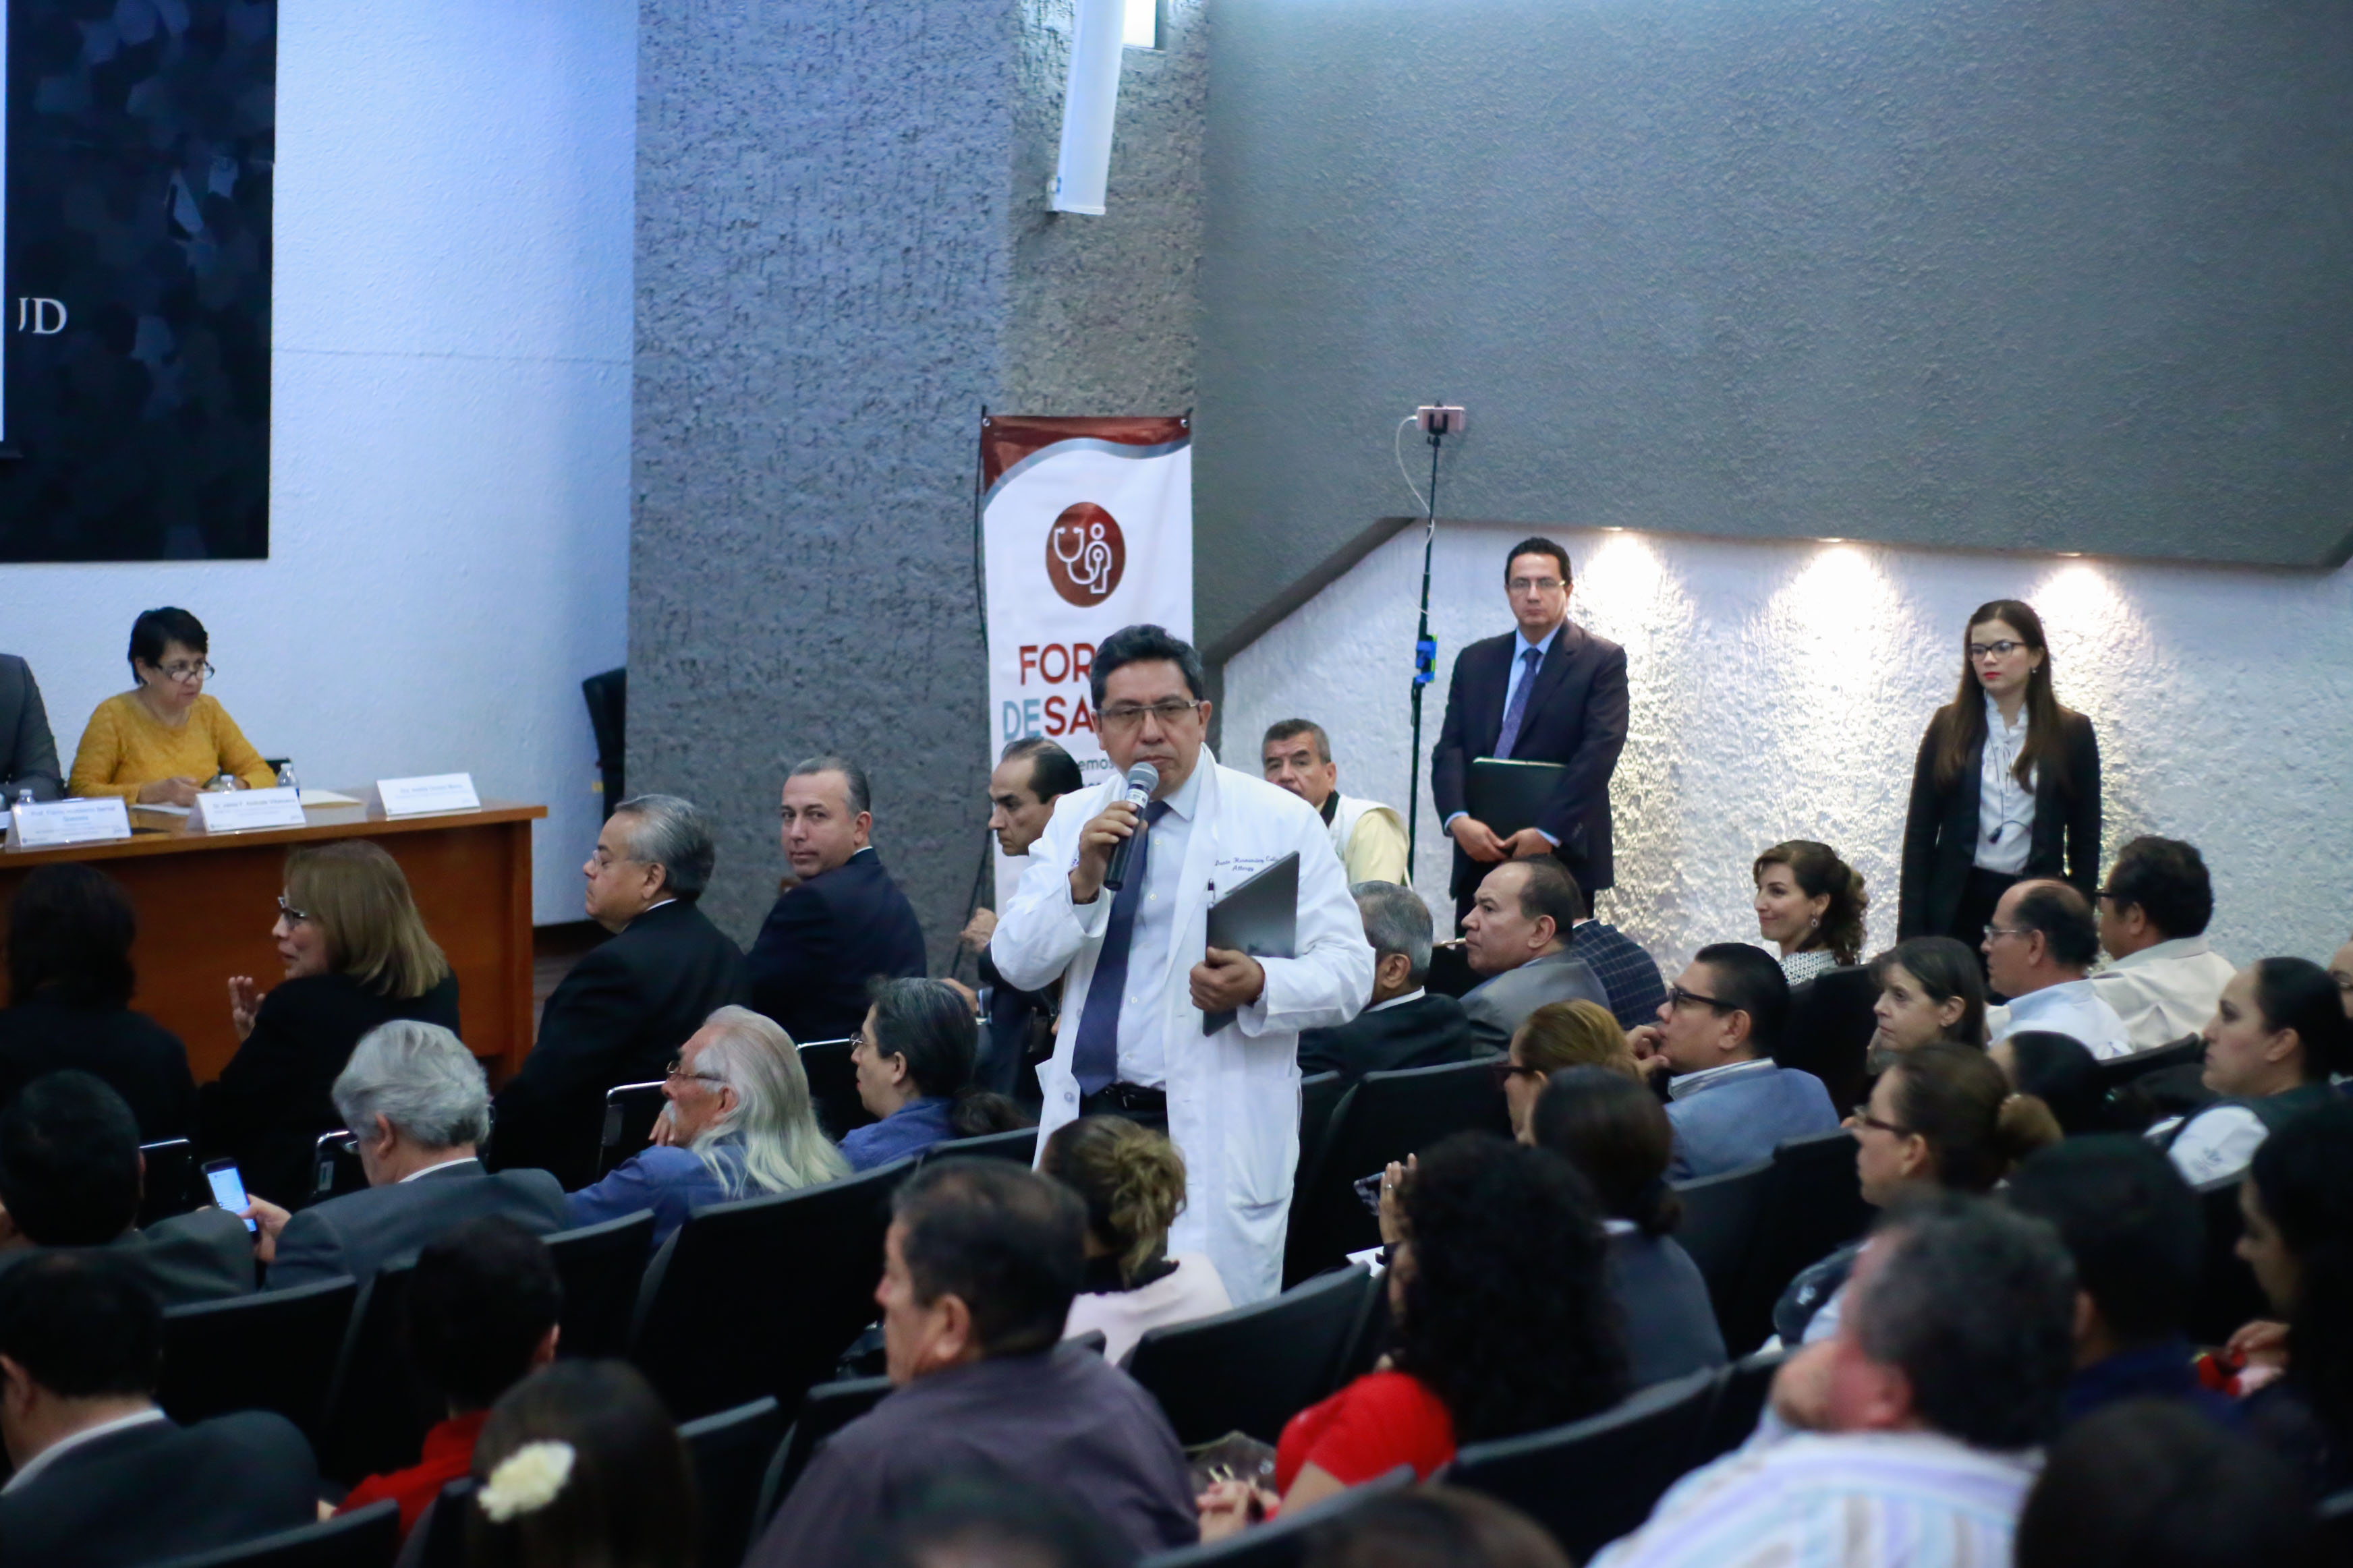 Médico participante en el foro al micrófono